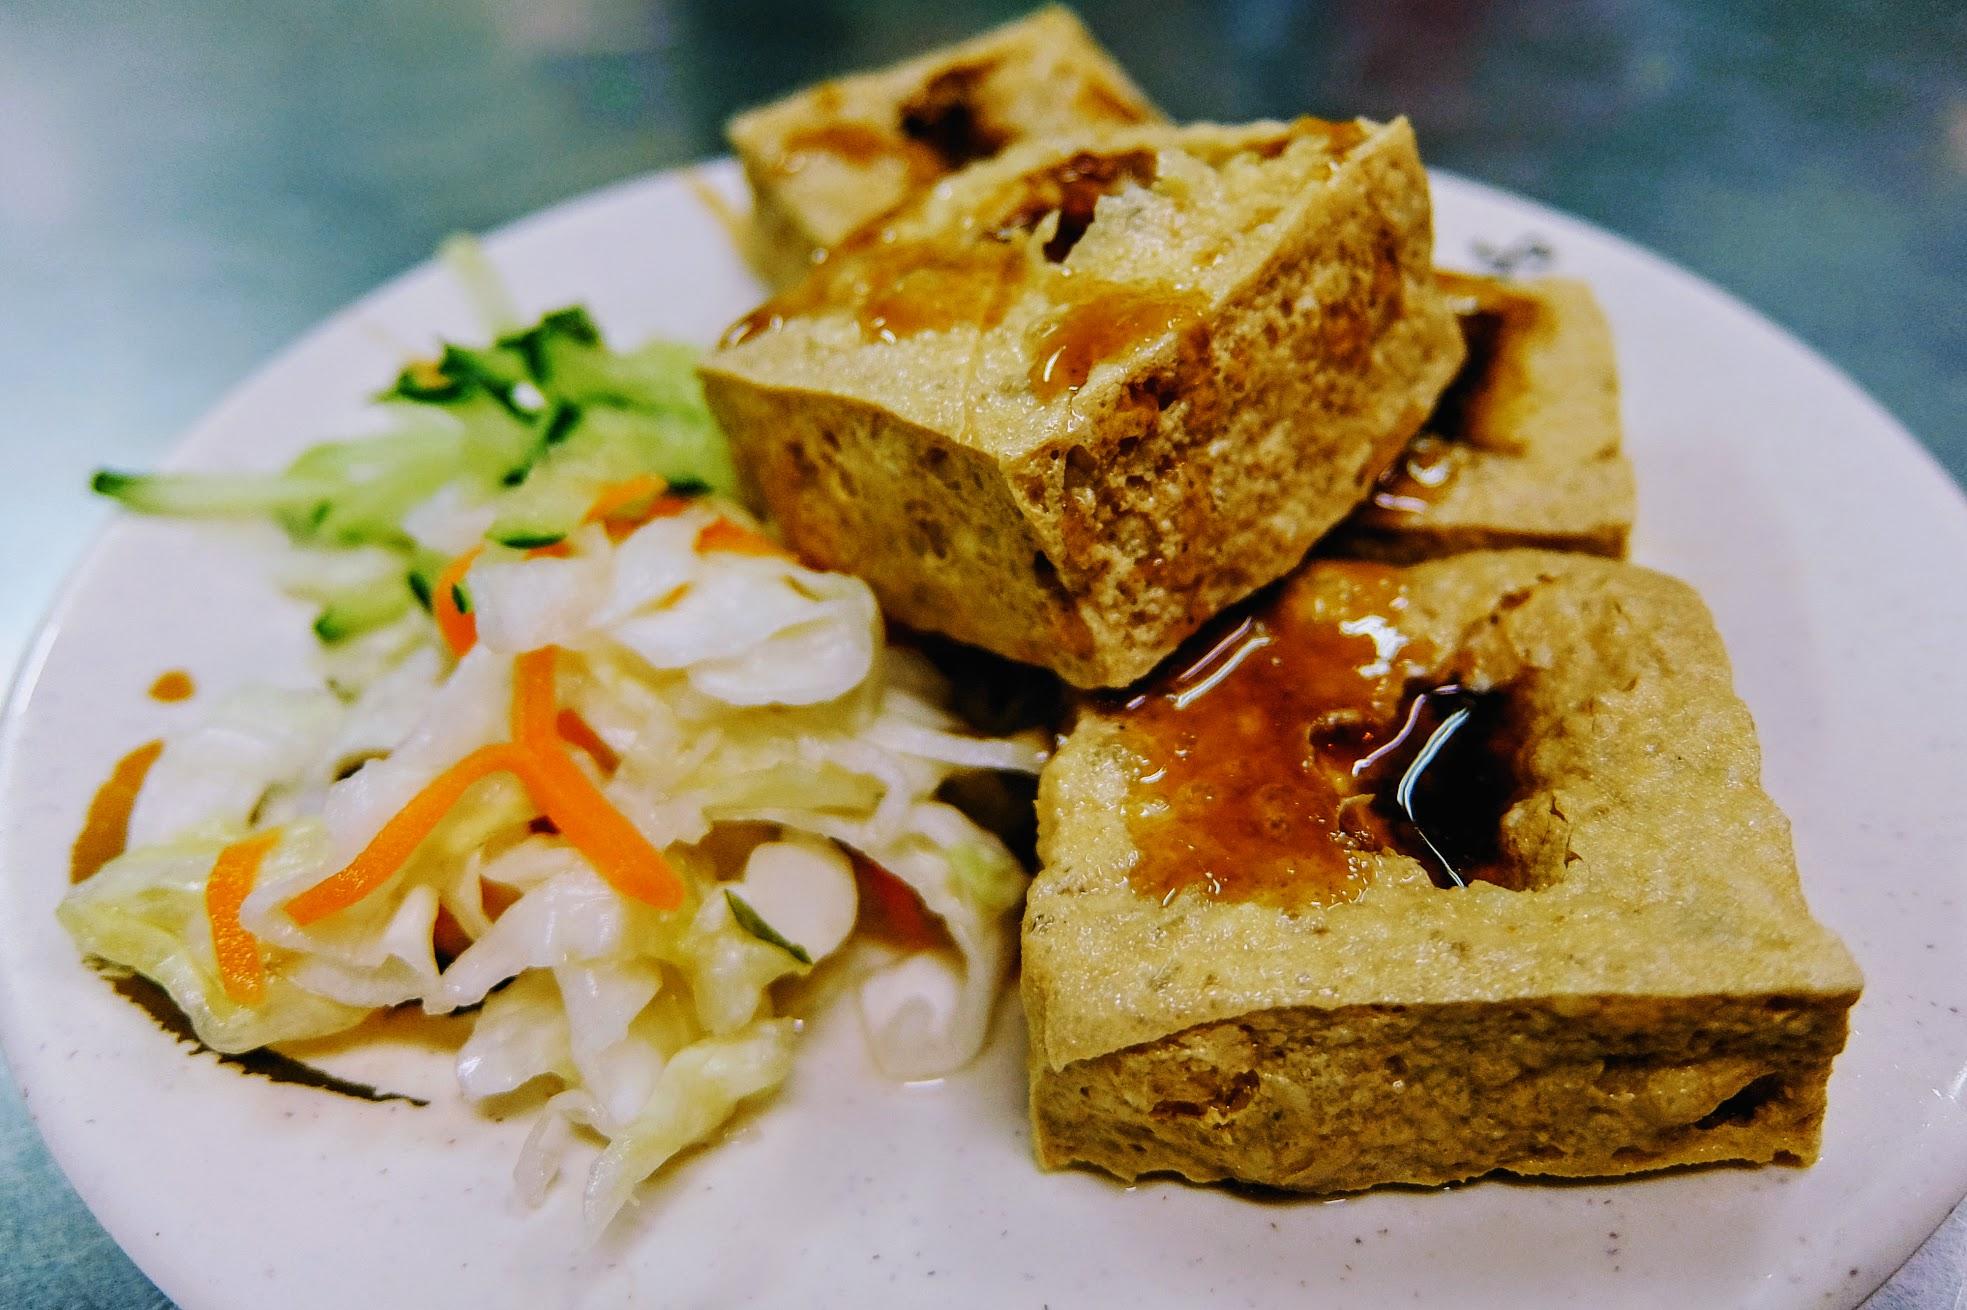 臭豆腐一份30元,一份4塊,旁邊有泡菜和黃瓜絲